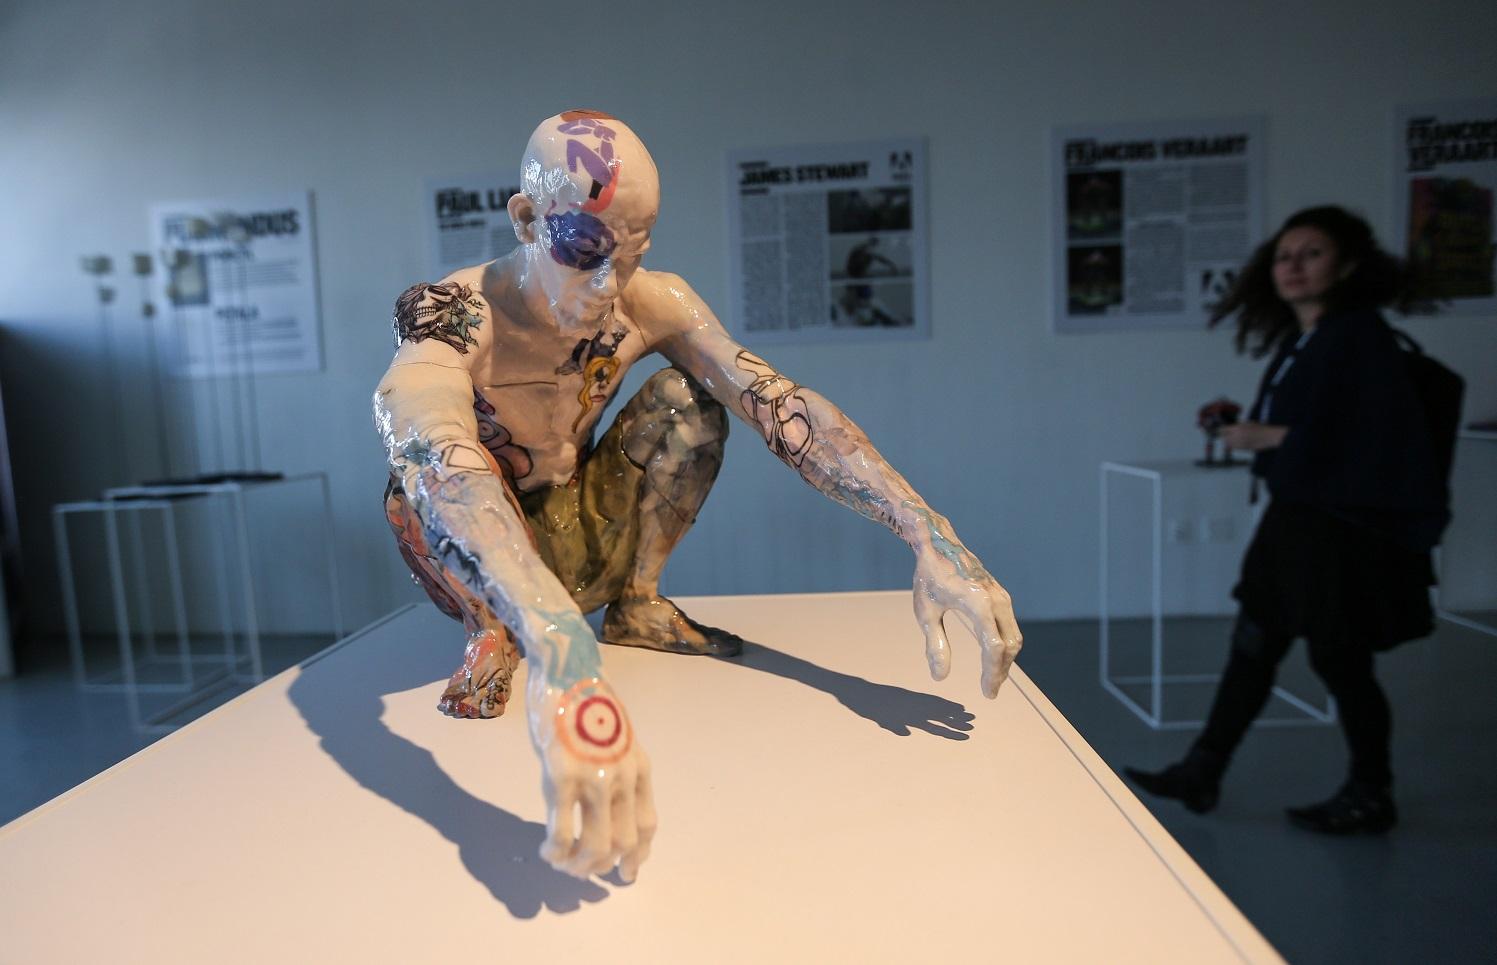 Figura humana, impressa em 3D, numa exposição em Nova York. Foto Cem Ozdel/Anadolu Agency